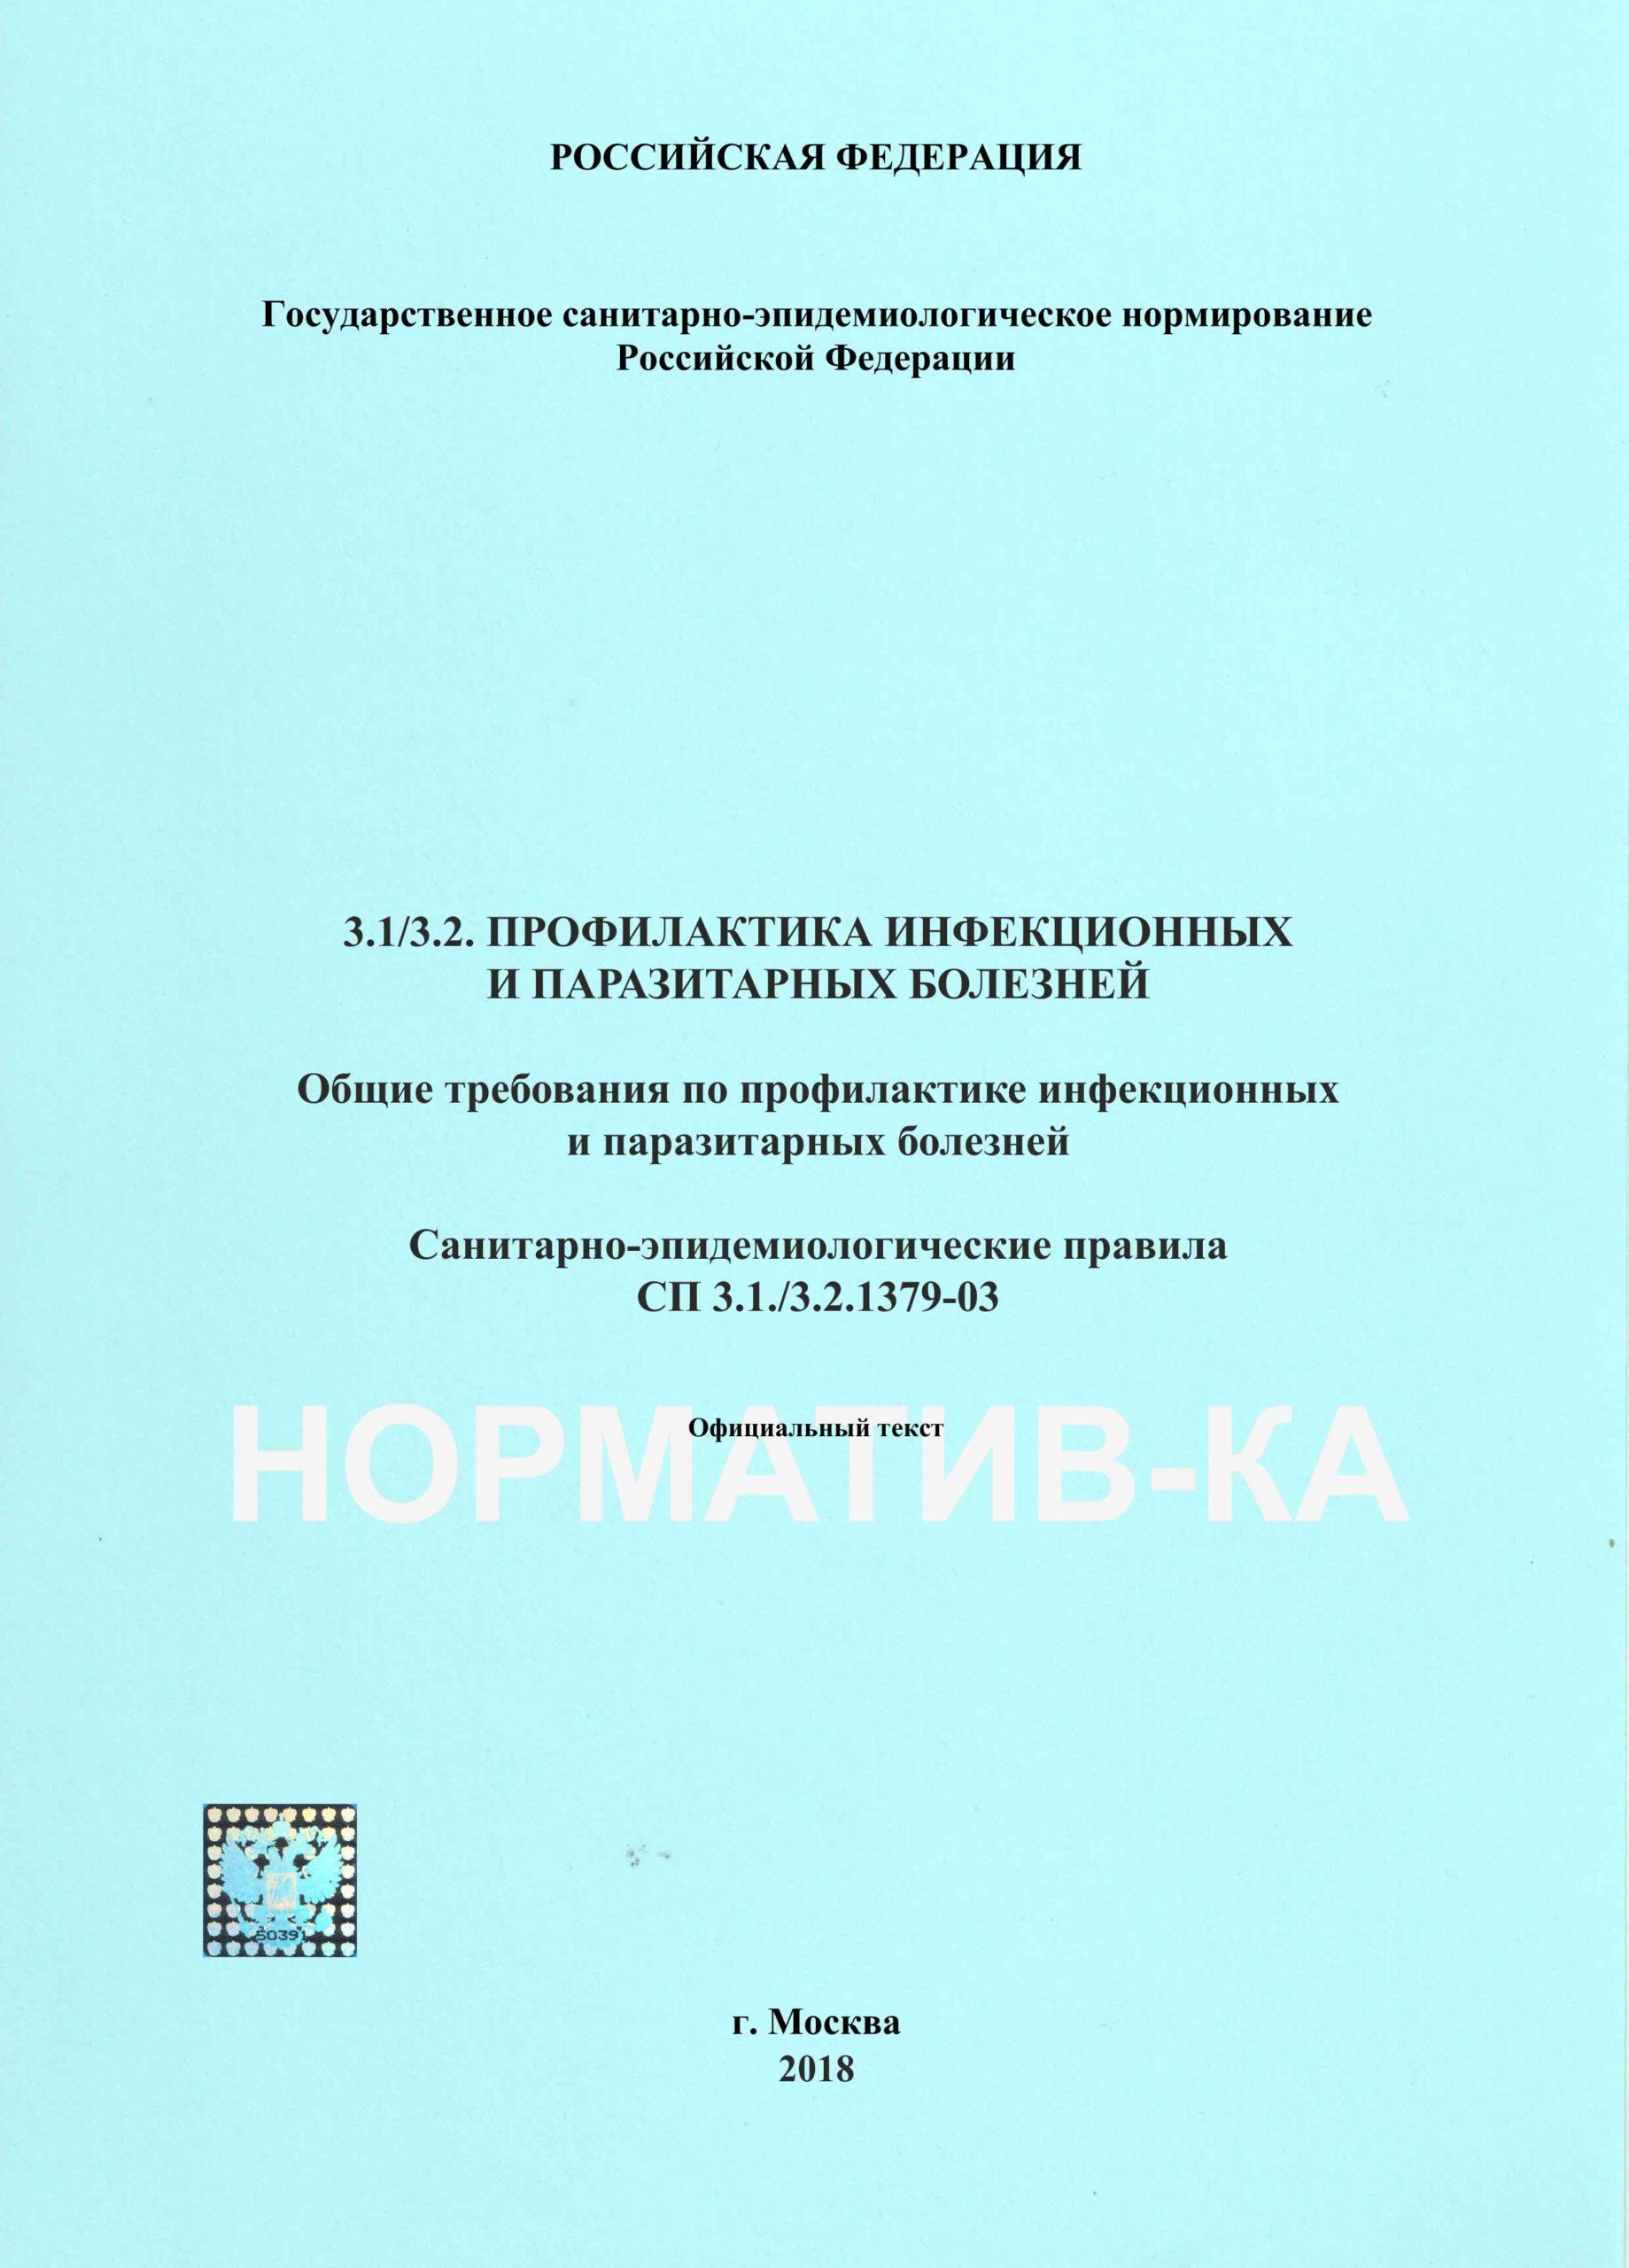 СП 3.1/3.2.1379-03